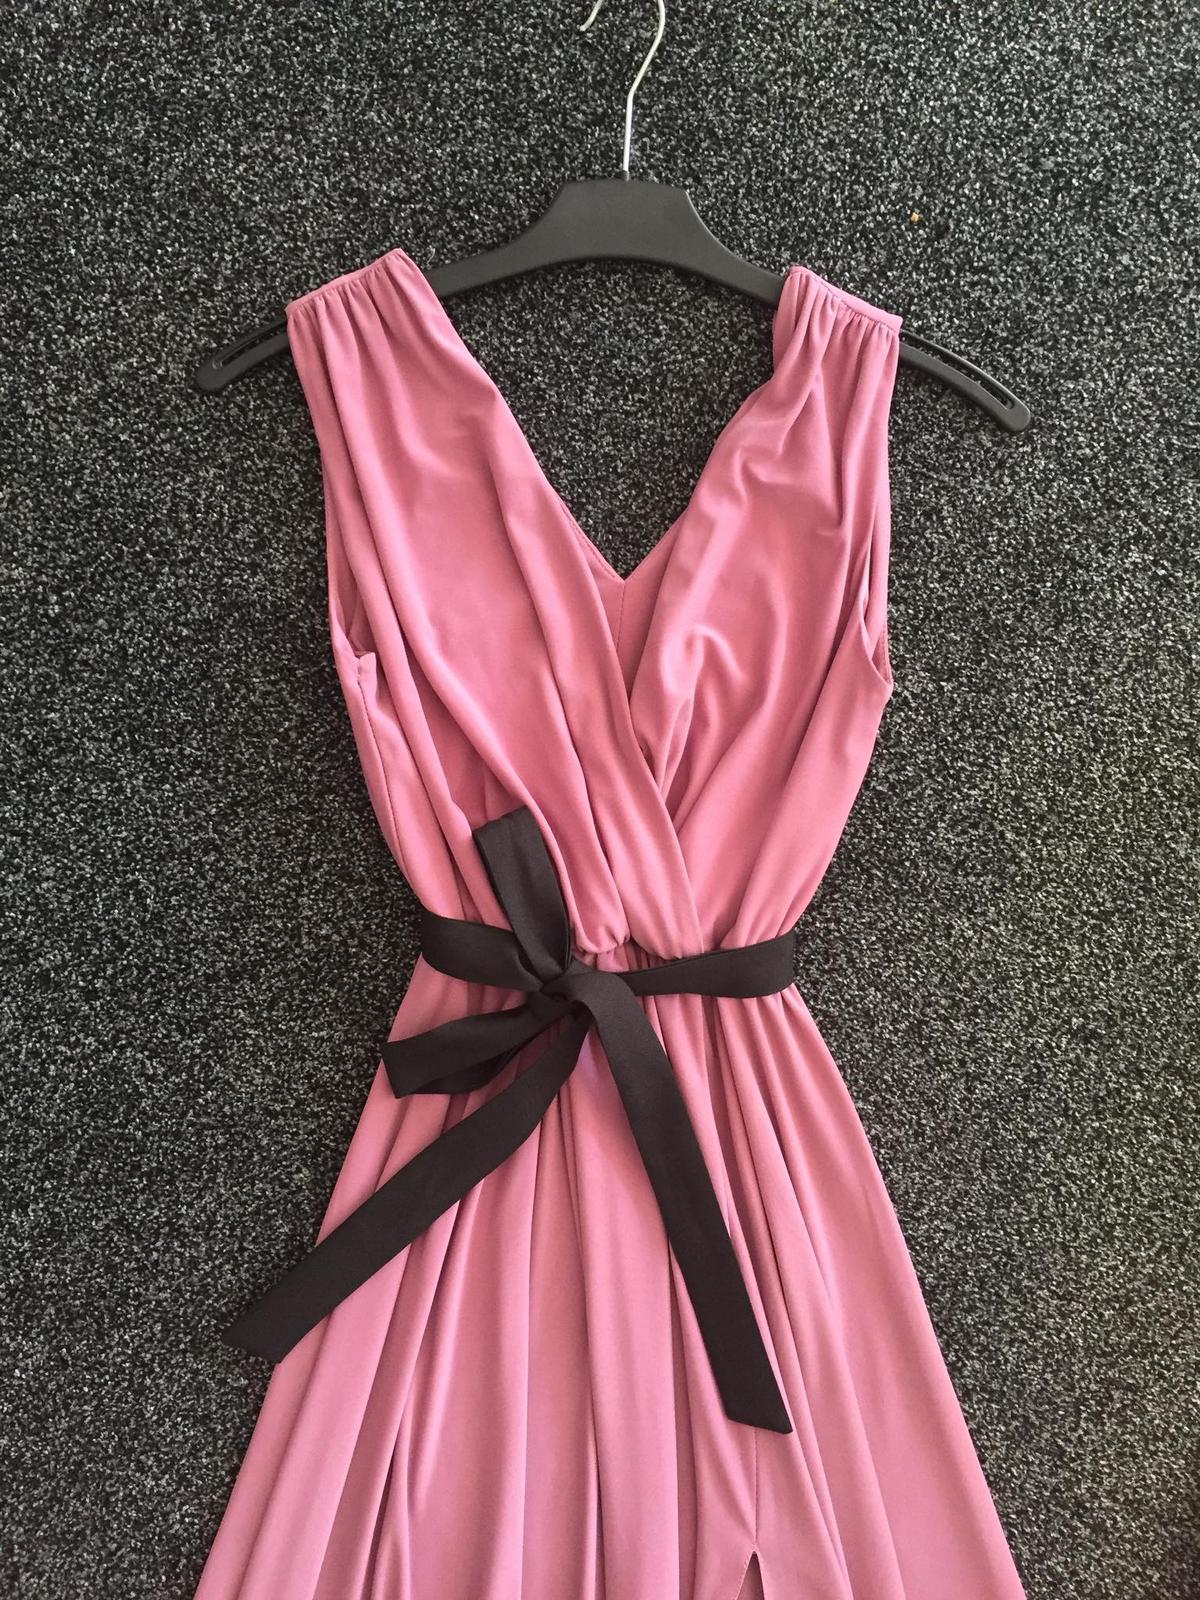 Dámské dlouhé šaty - Obrázek č. 2